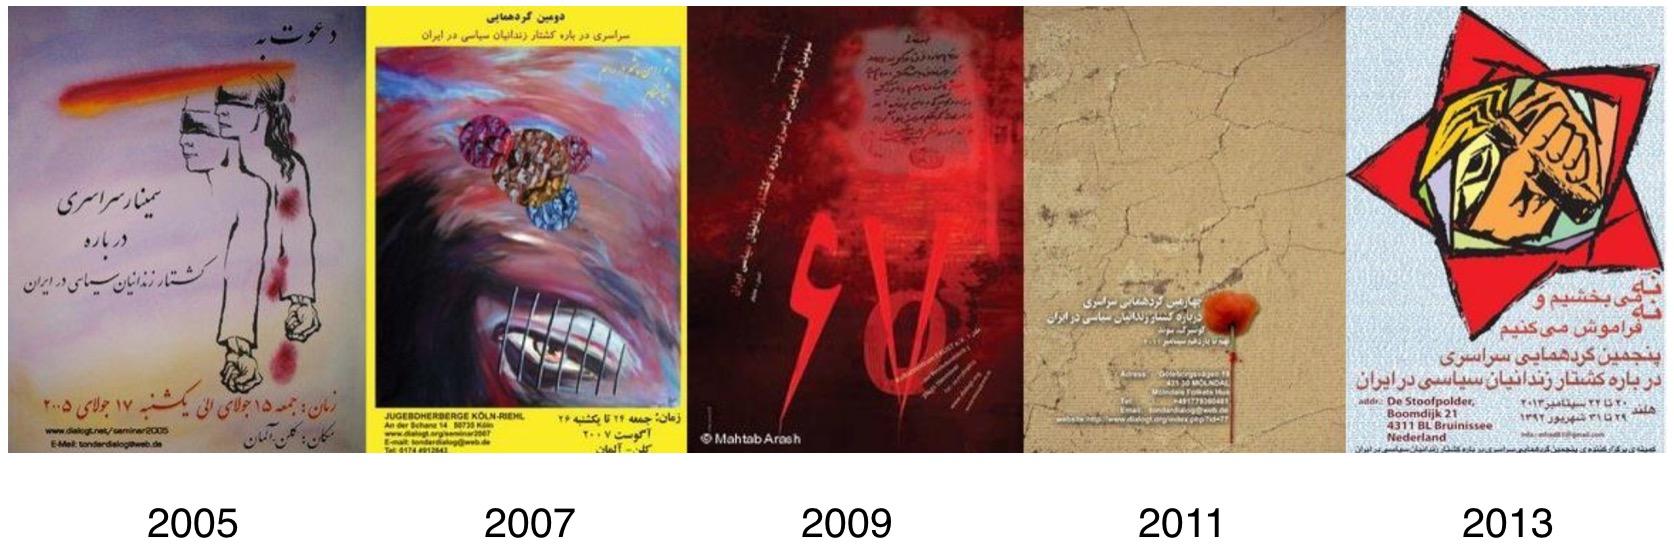 پوسترهای برگزیده پنج گردهمایی پیشین